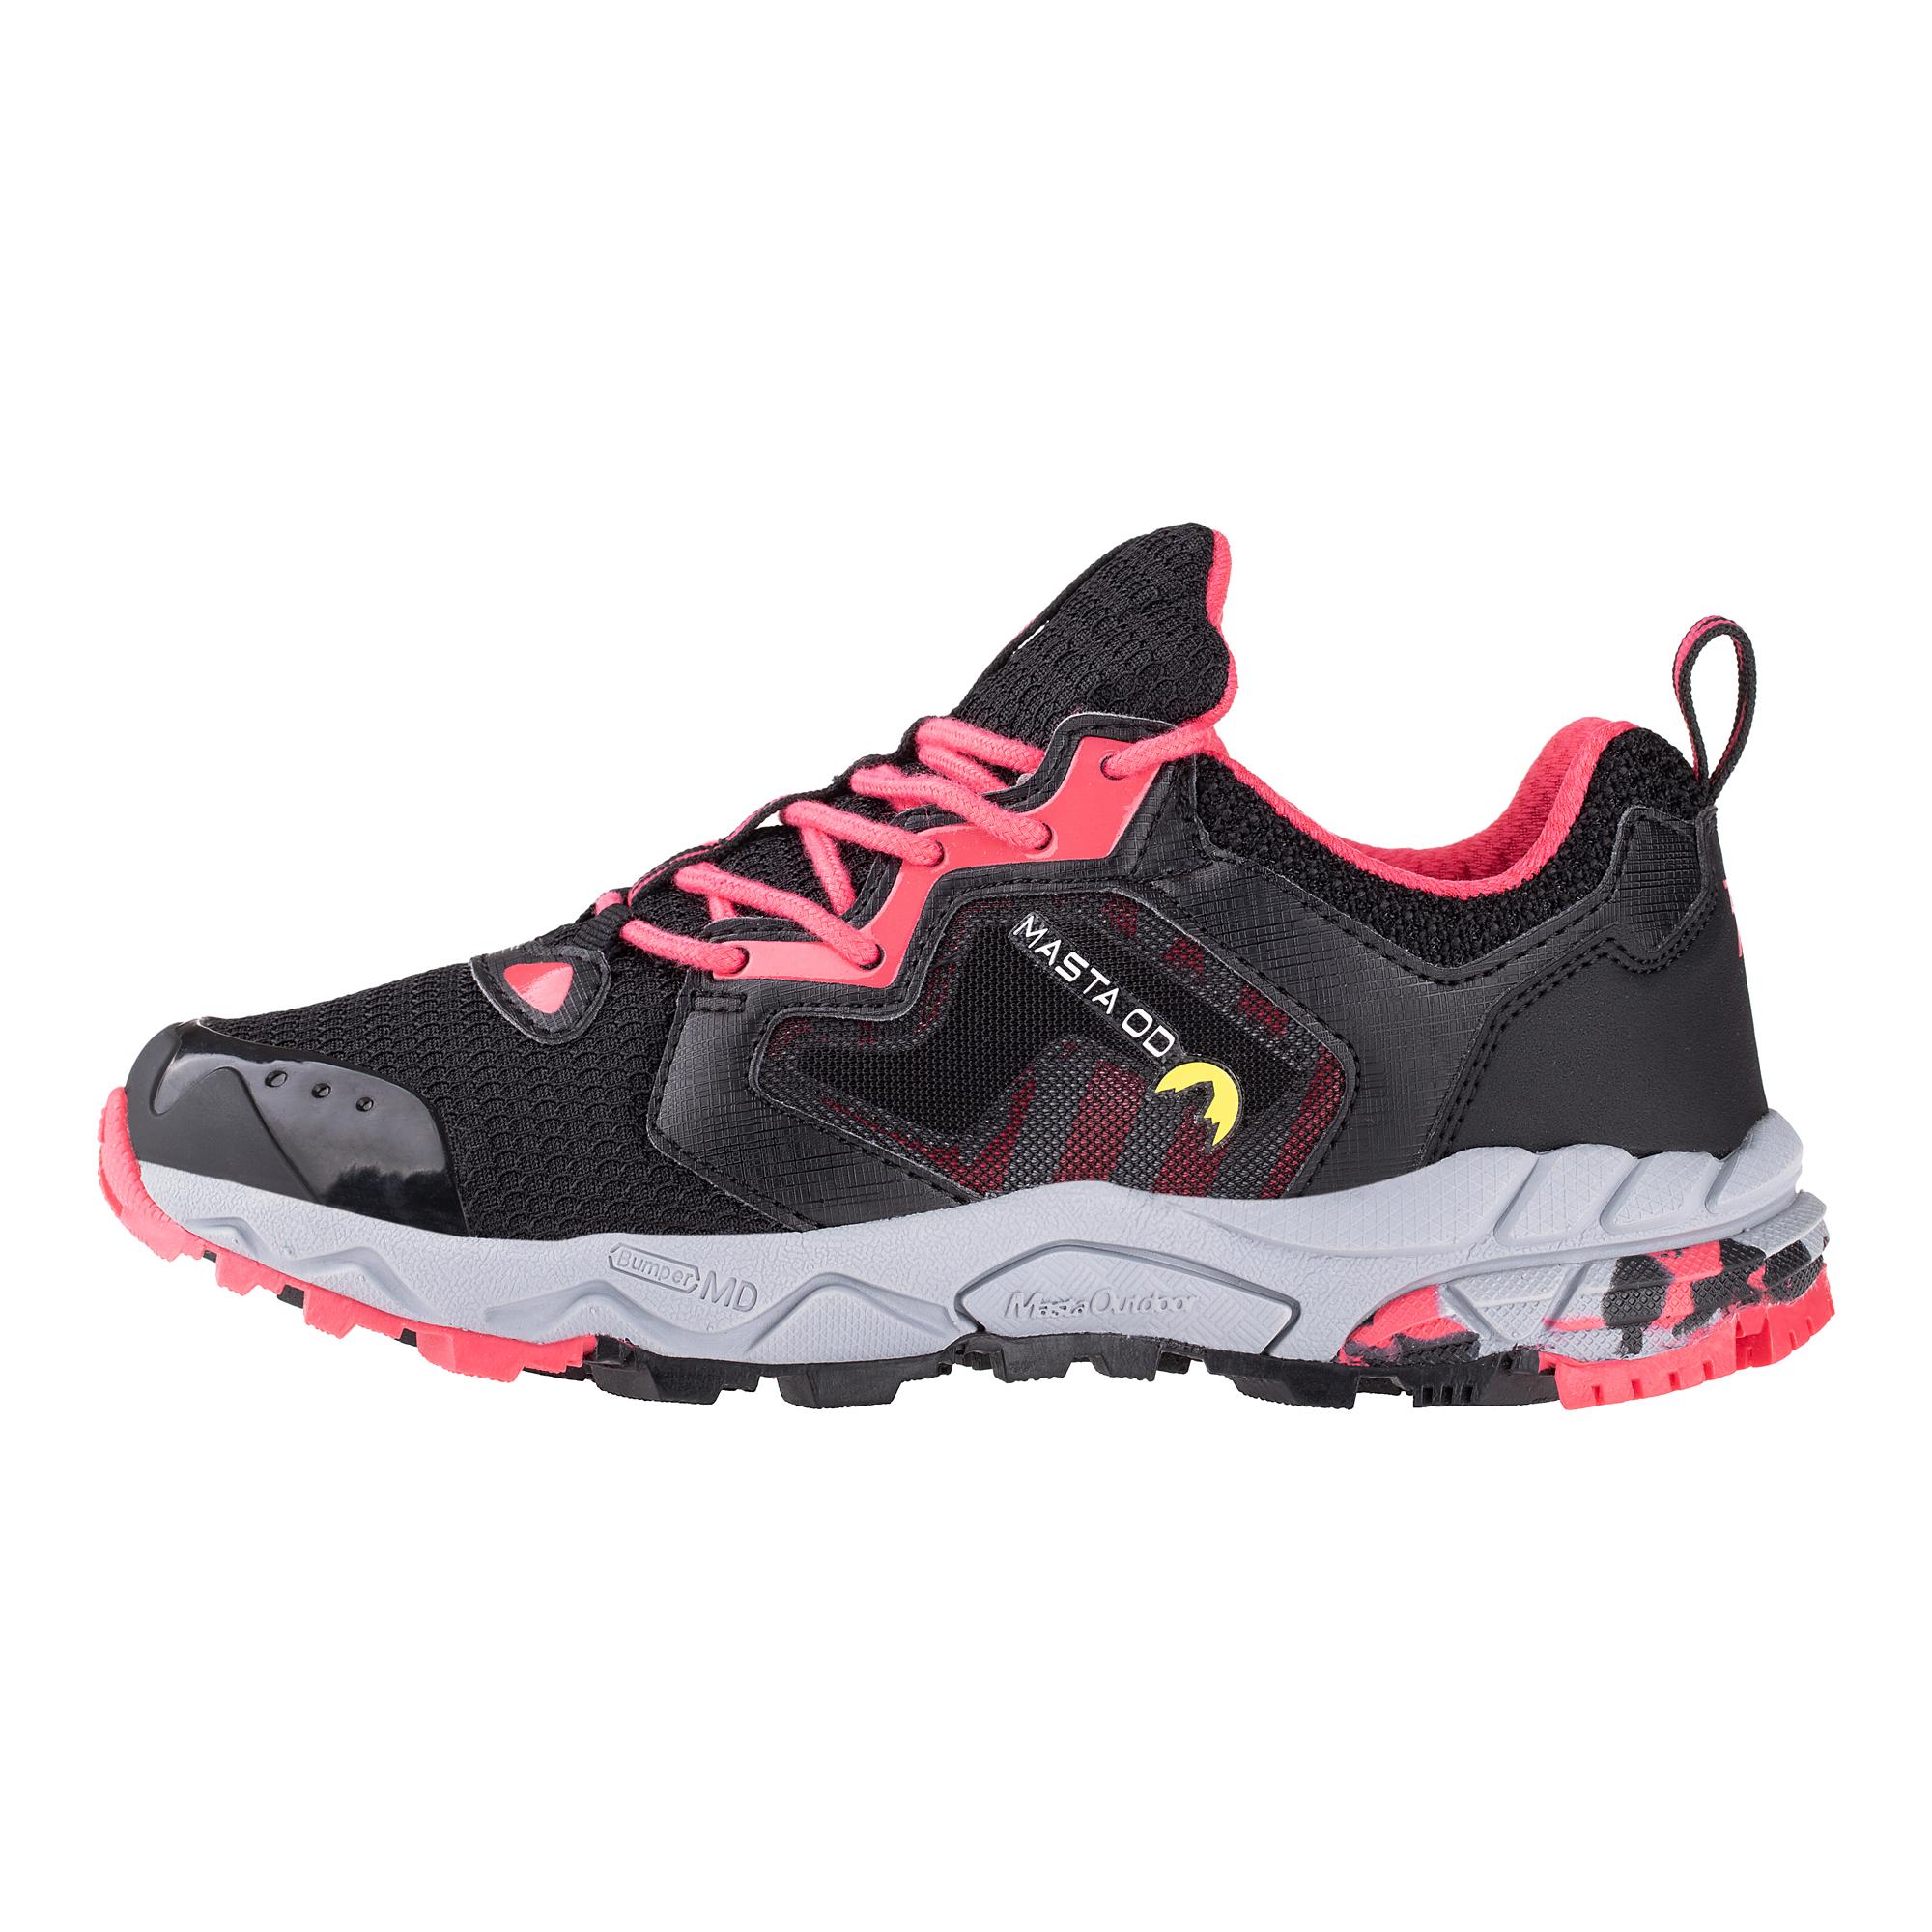 کفش طبیعت گردی زنانه 361 درجه مدل 4 - 581633316